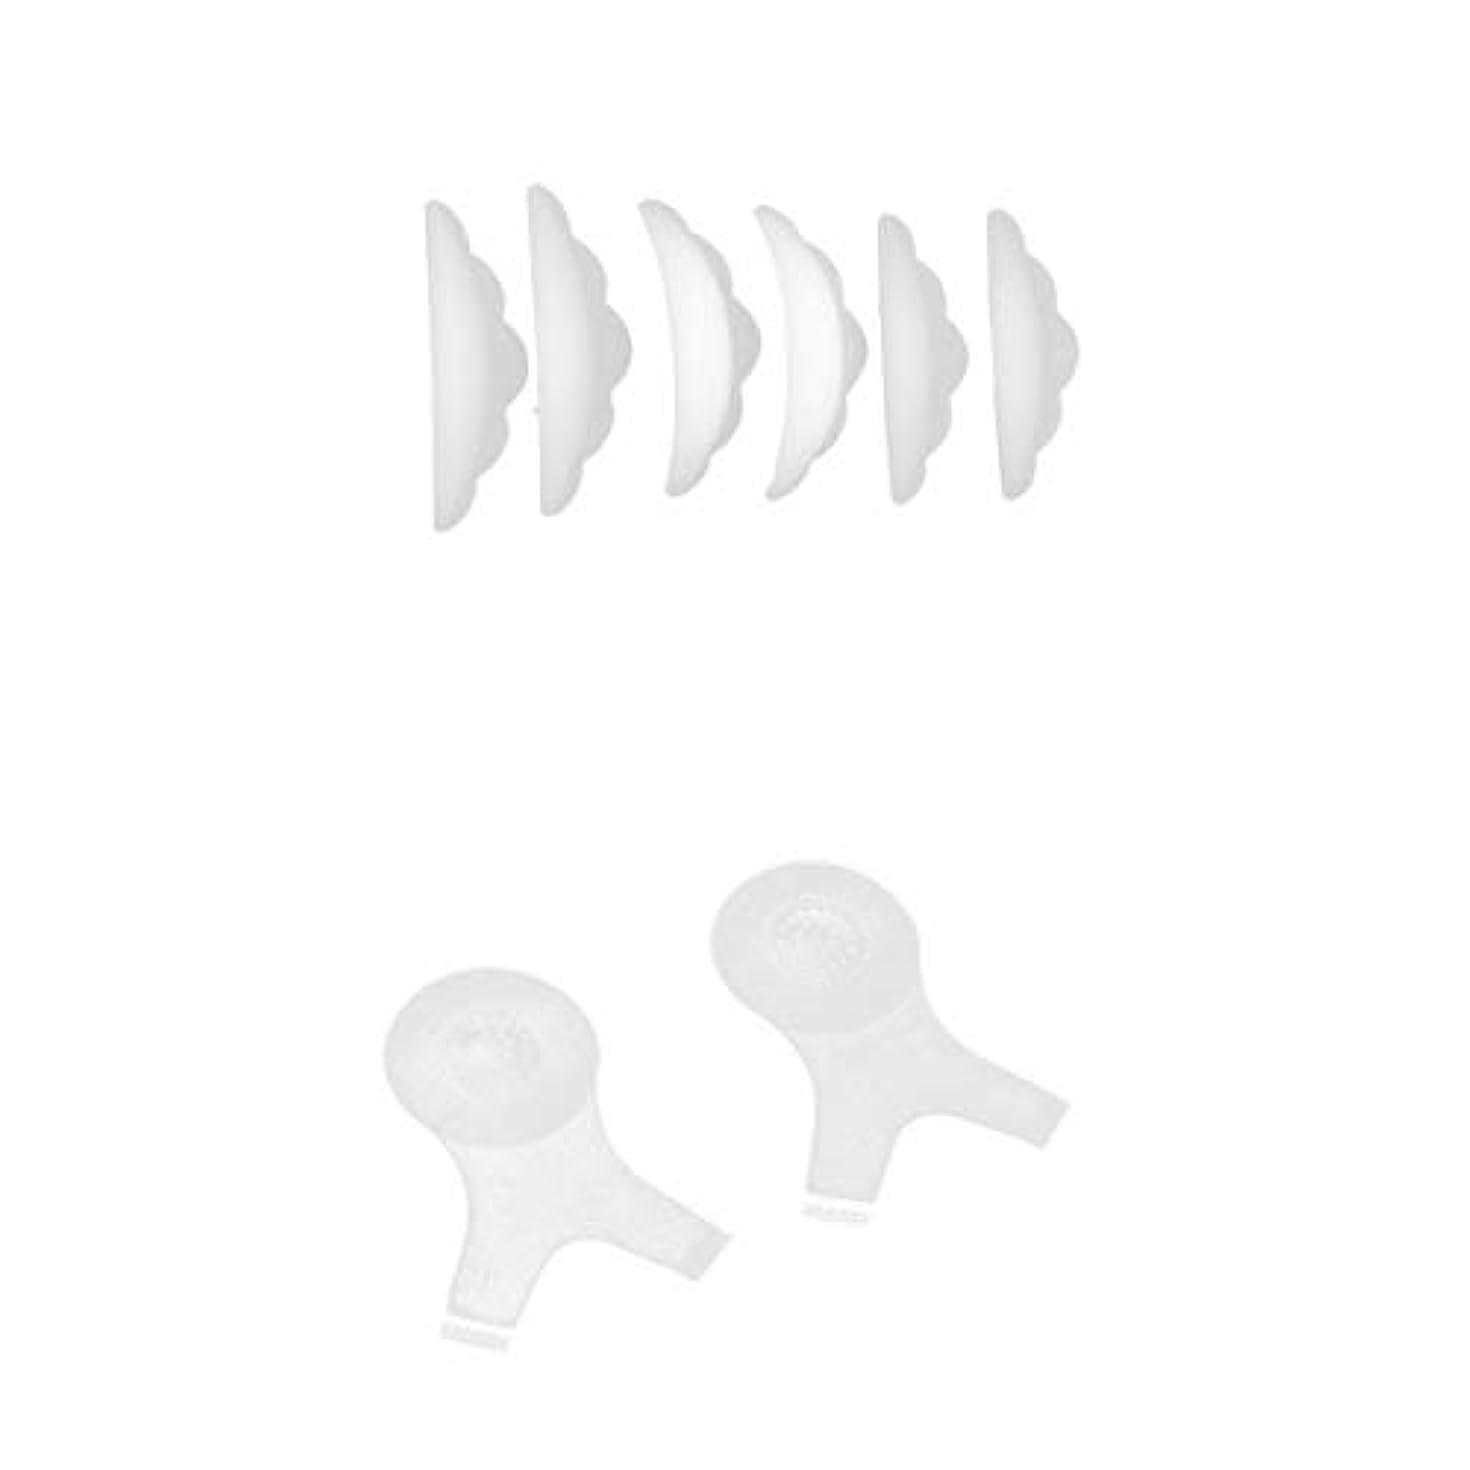 アサート無傷鋸歯状まつげパーマ まつ毛パーシングブラシ まつげパッド 8個入り